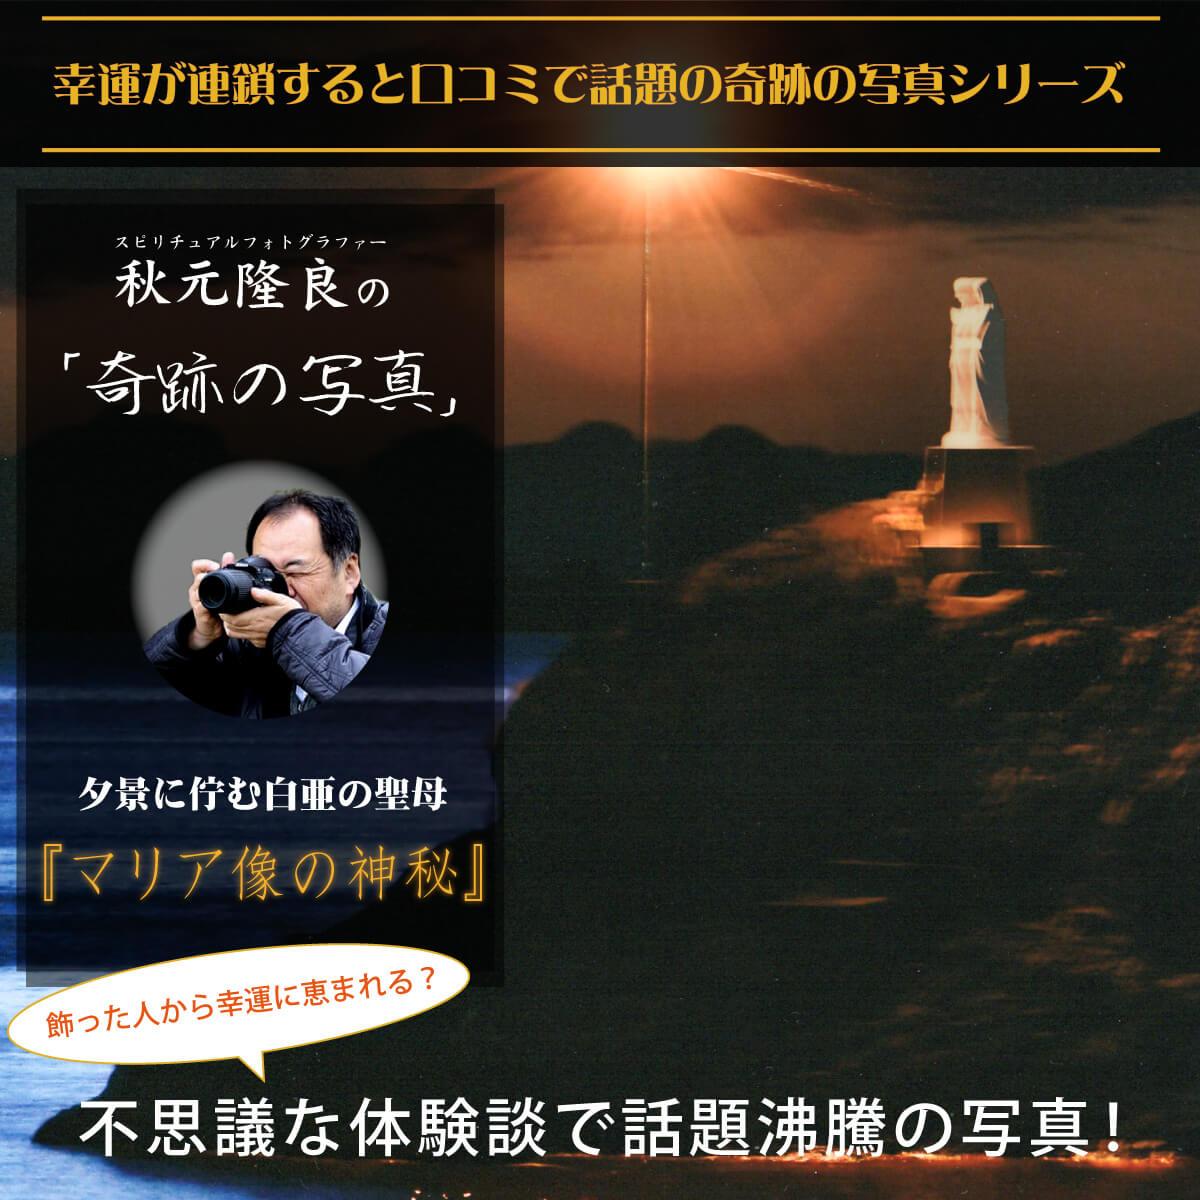 【奇跡の写真】マリア像の神秘 ≫飾るだけで幸運が連鎖すると話題!秋元隆良の開運フォト作品 開運グッズ